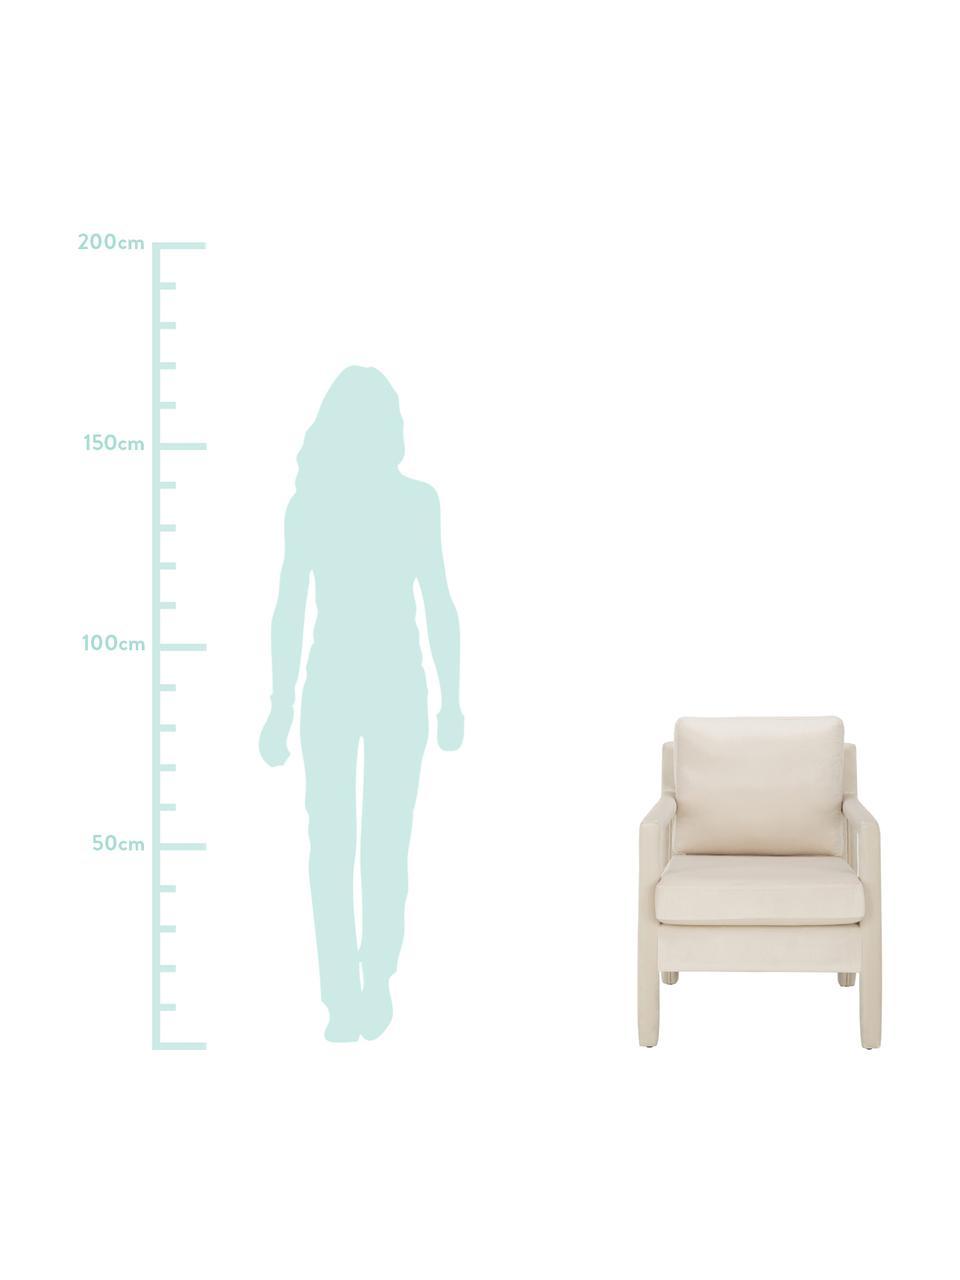 Fotel z aksamitu Claudette, Tapicerka: aksamit (100% poliester) , Stelaż: lite drewno sosnowe, skle, Beżowy, S 65 x G 75 cm